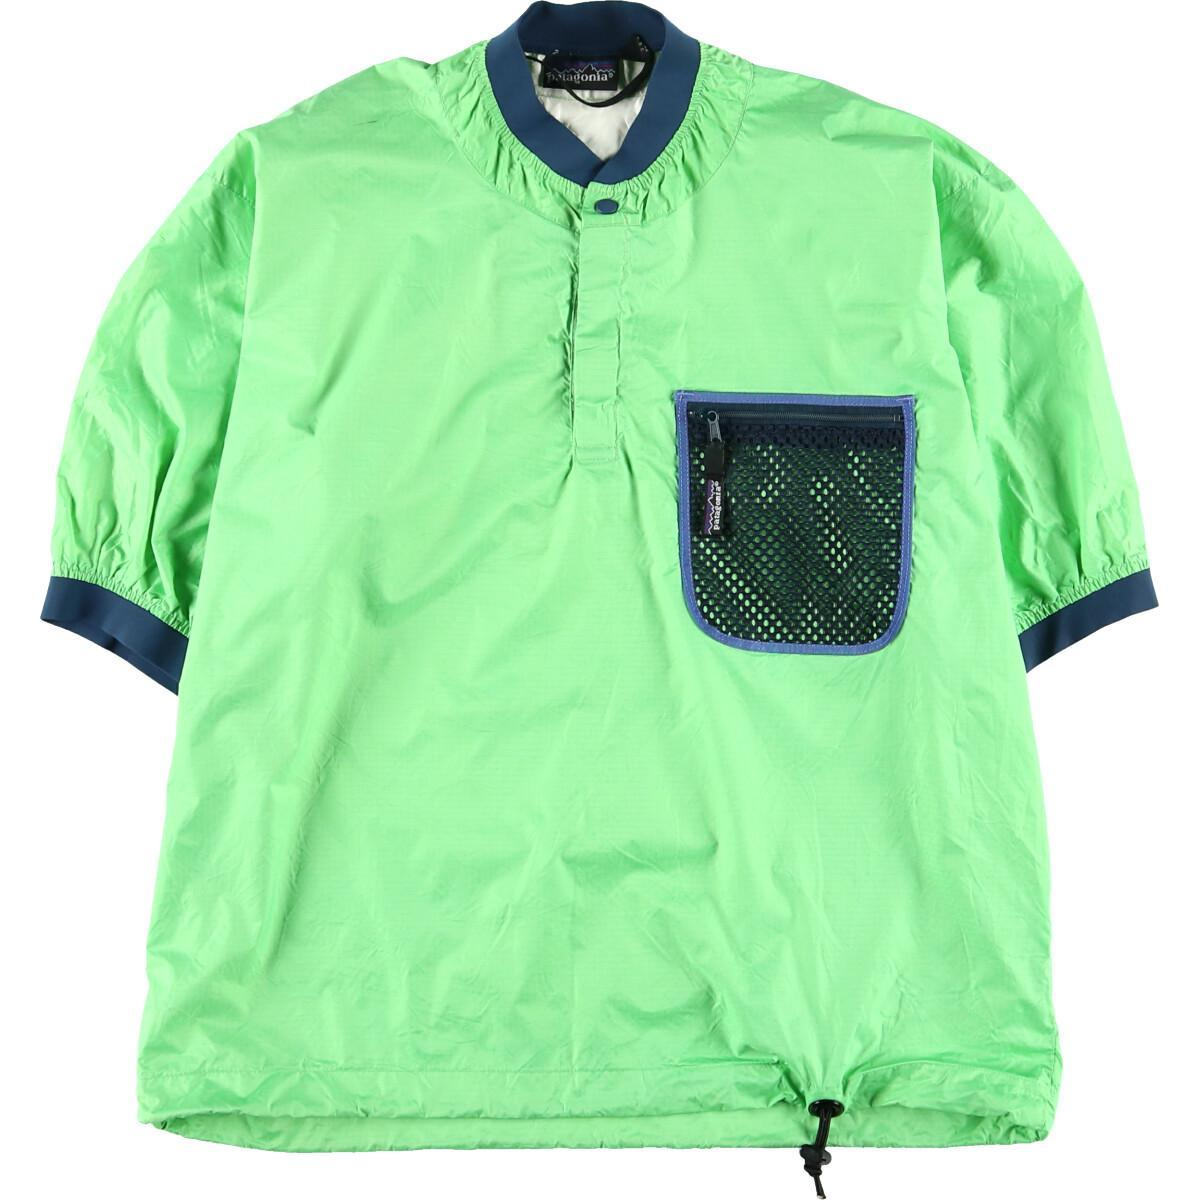 90年代 パタゴニア Patagonia パドリングジャケット ネオンカラー 半袖 ナイロンプルオーバー メンズL ヴィンテージ /wbj4791 【中古】 【200102】【VTG】